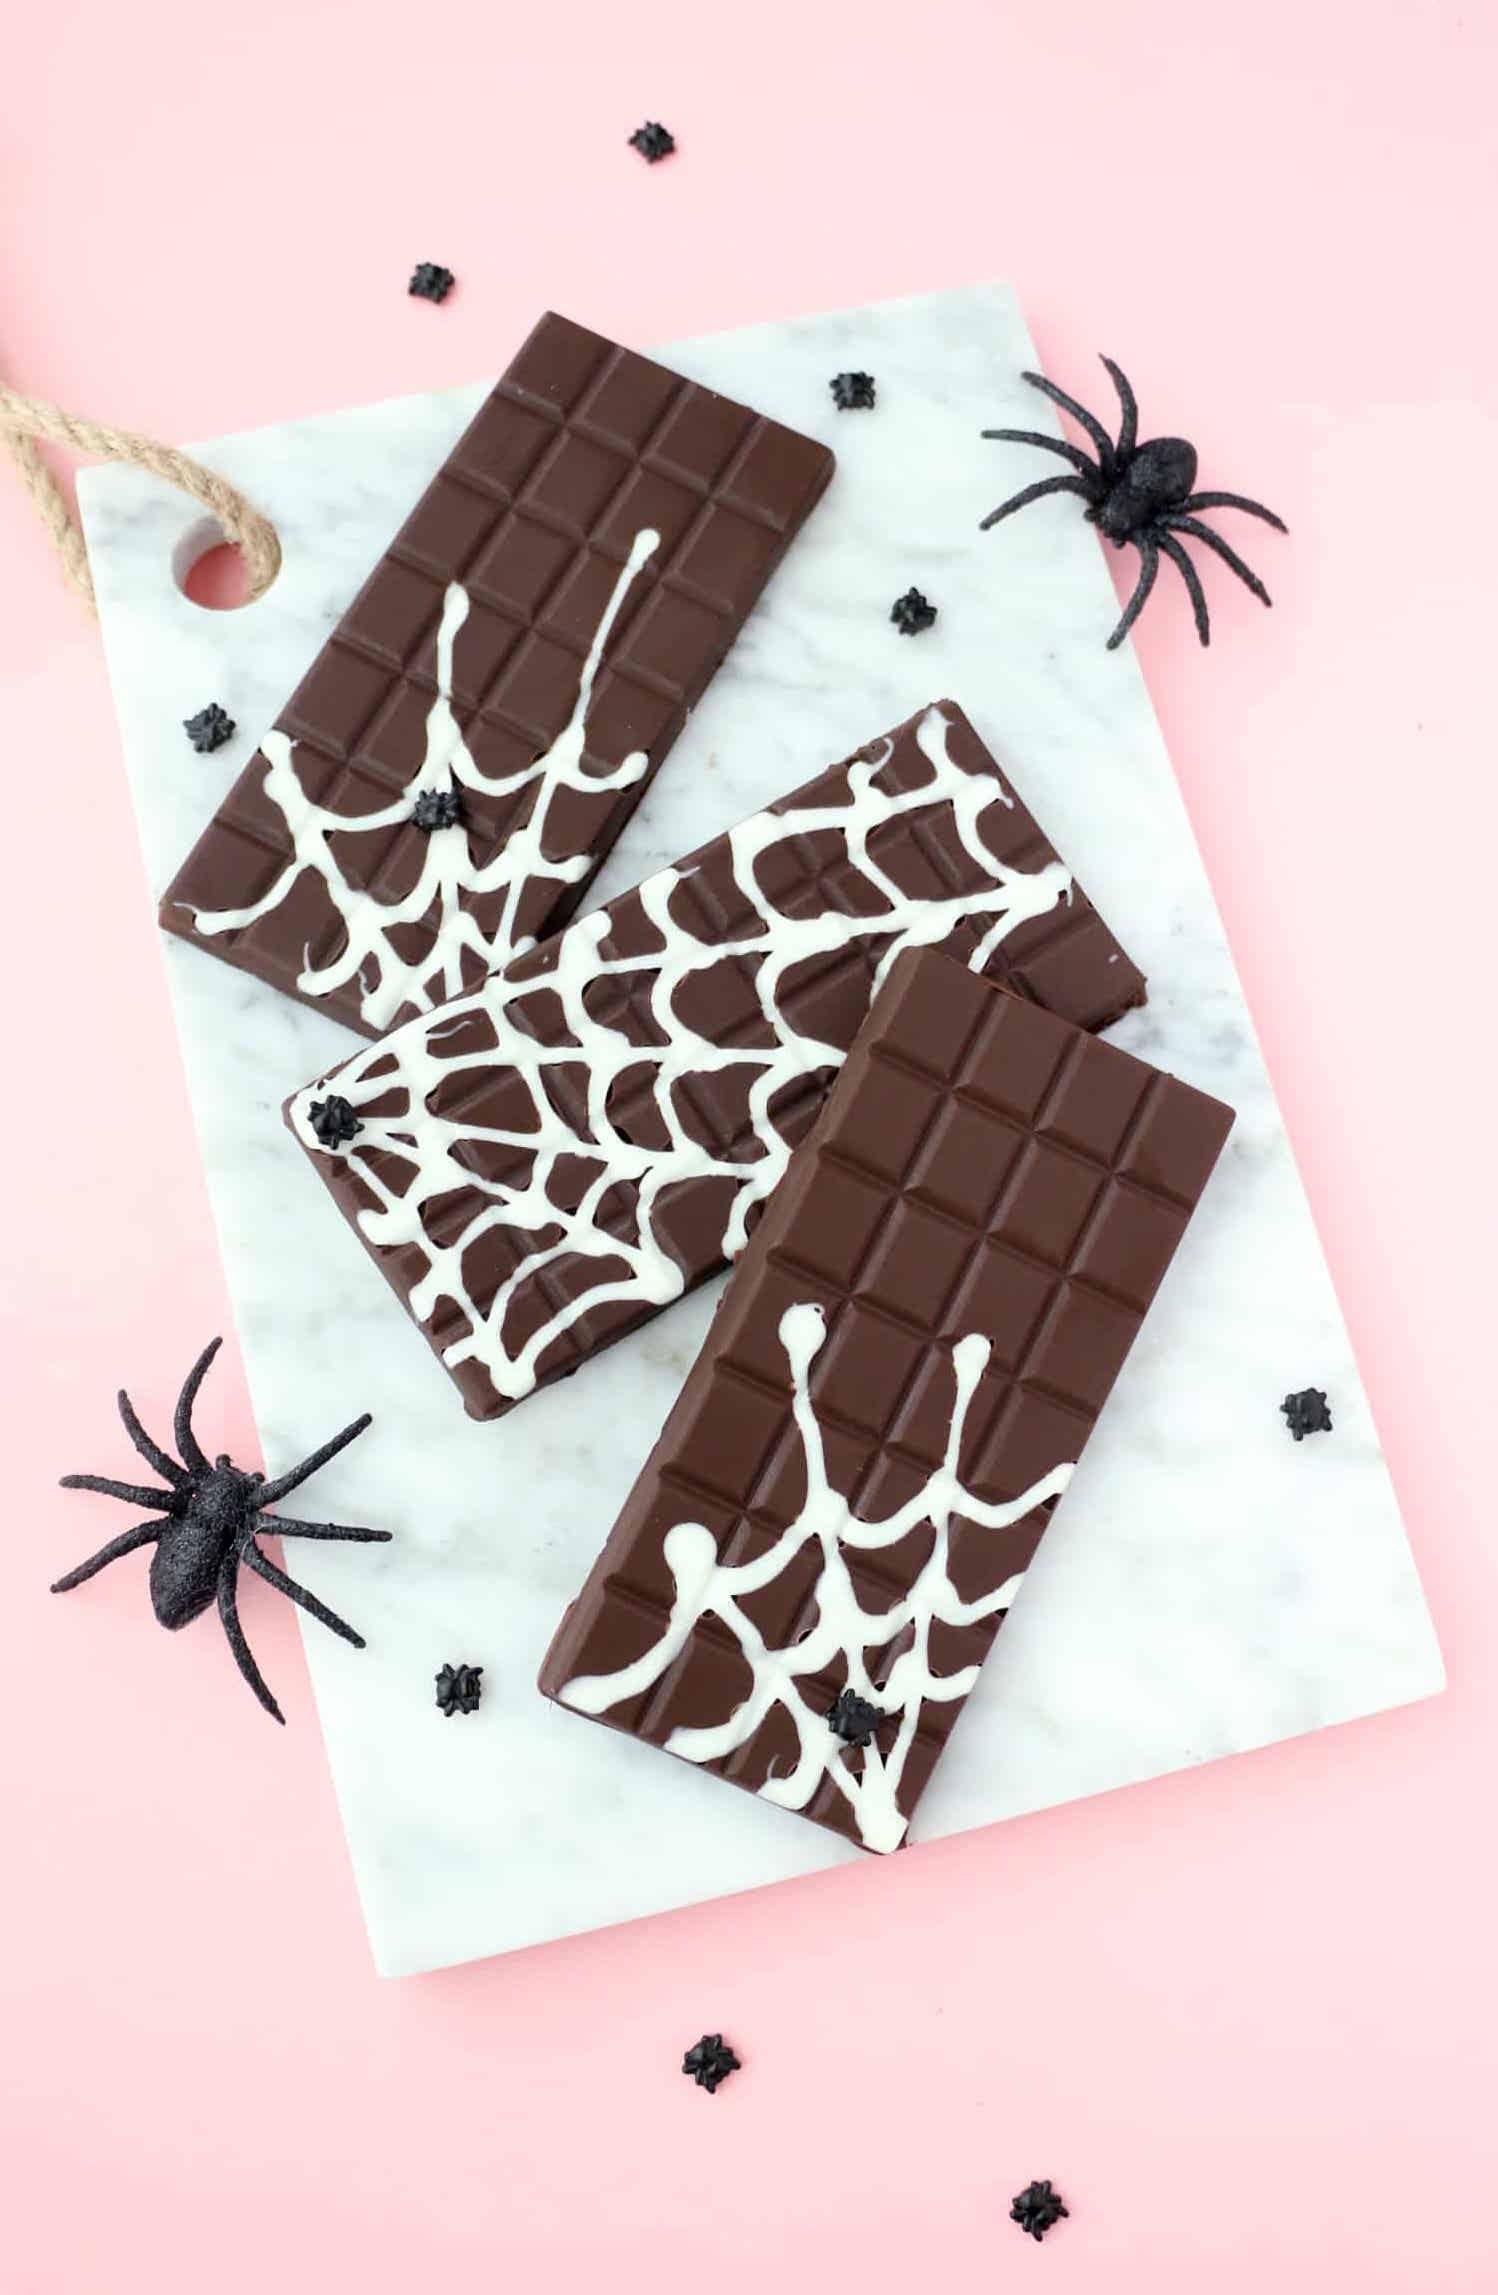 Até mesmo as barrinhas de chocolate ganham uma decoração para o halloween